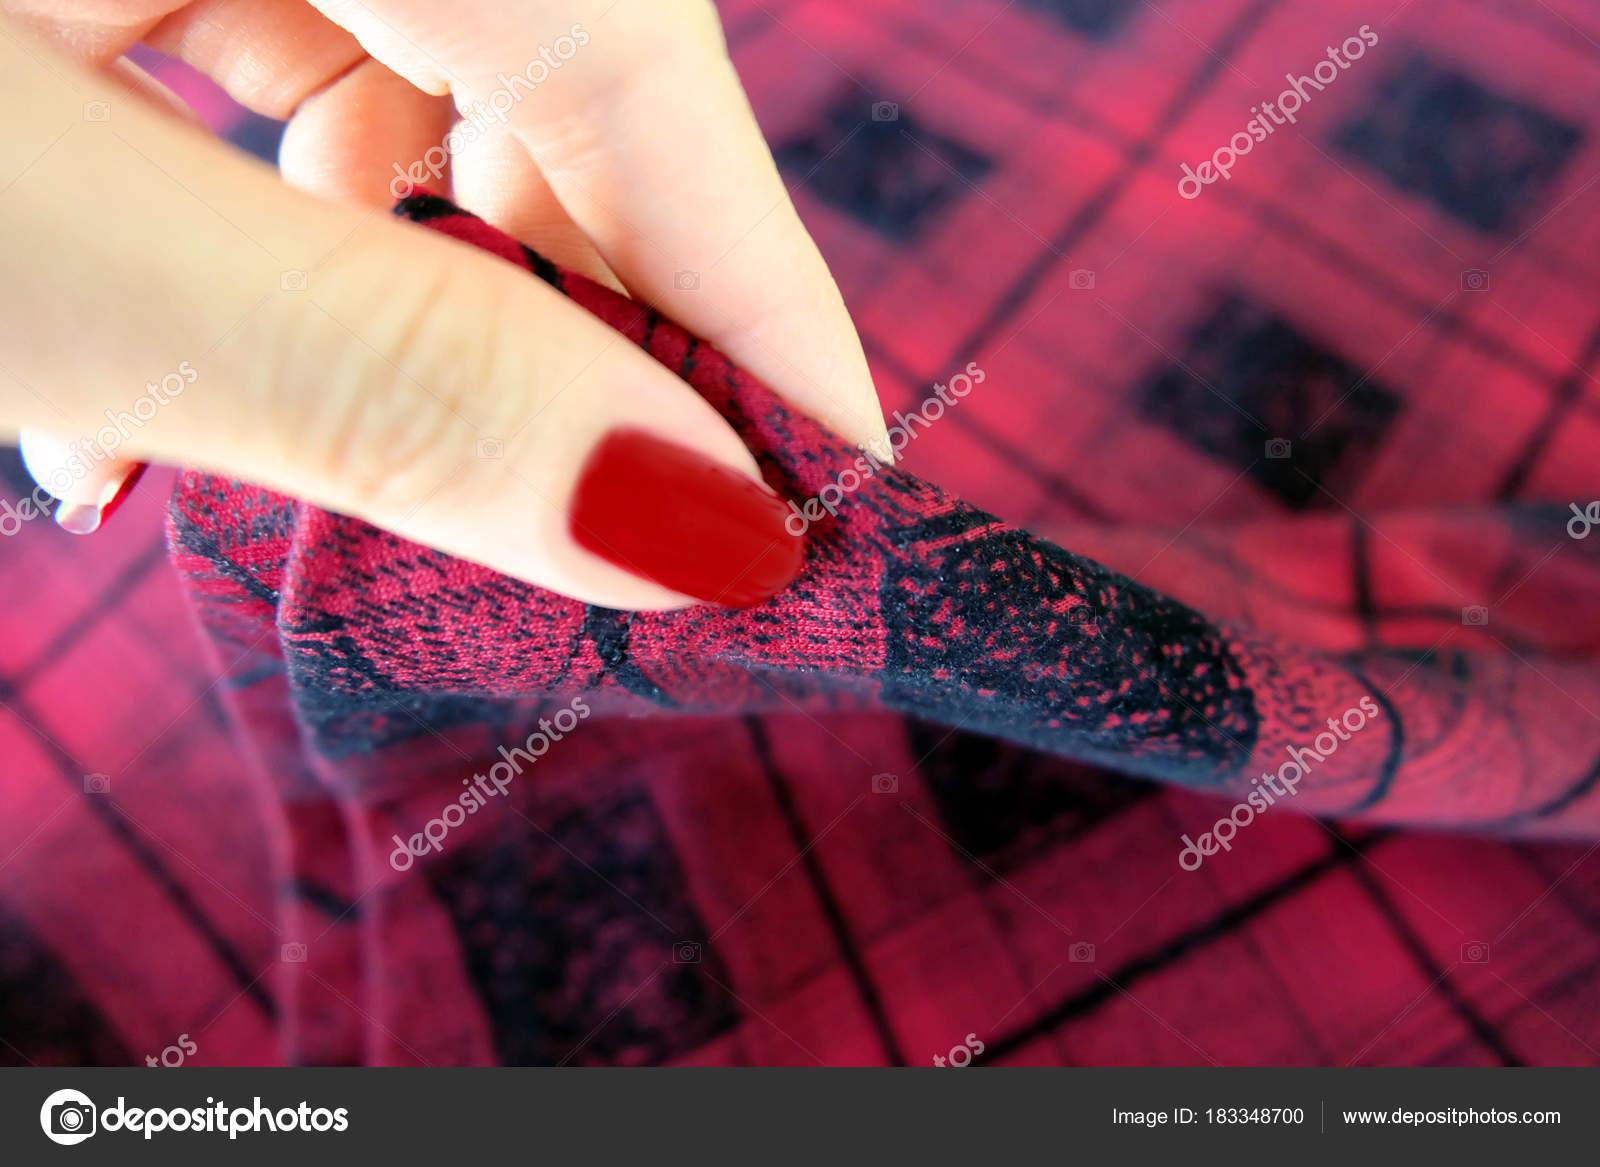 Belleza Manicura Rojo Uñas Con Esmalte Gel Mano Mujer Con